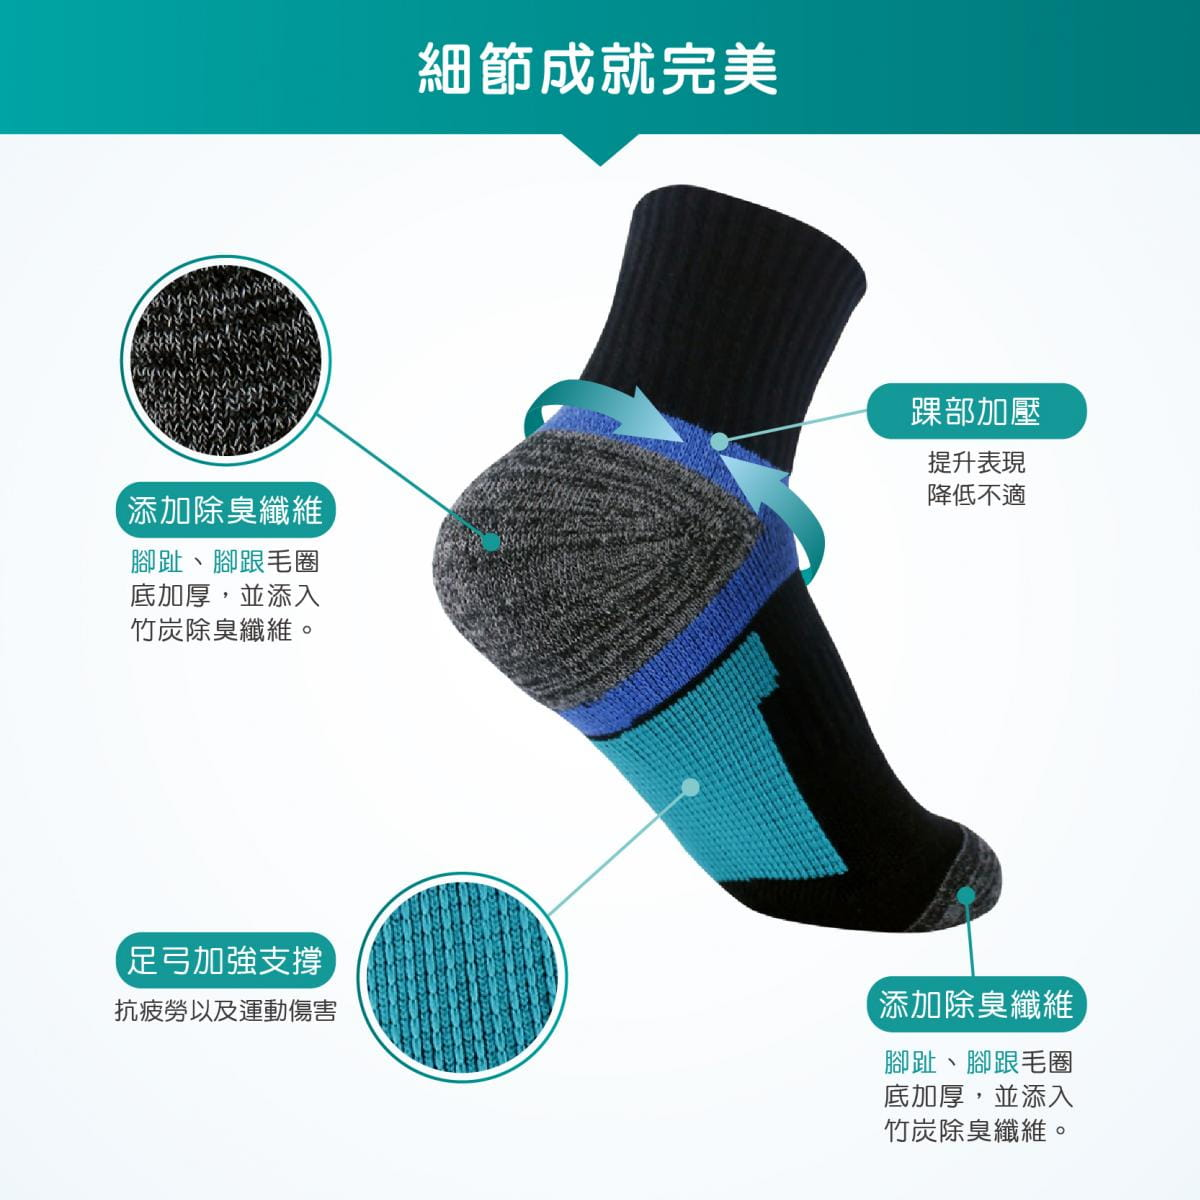 【FAV】兒童足弓除臭襪-無止滑 2